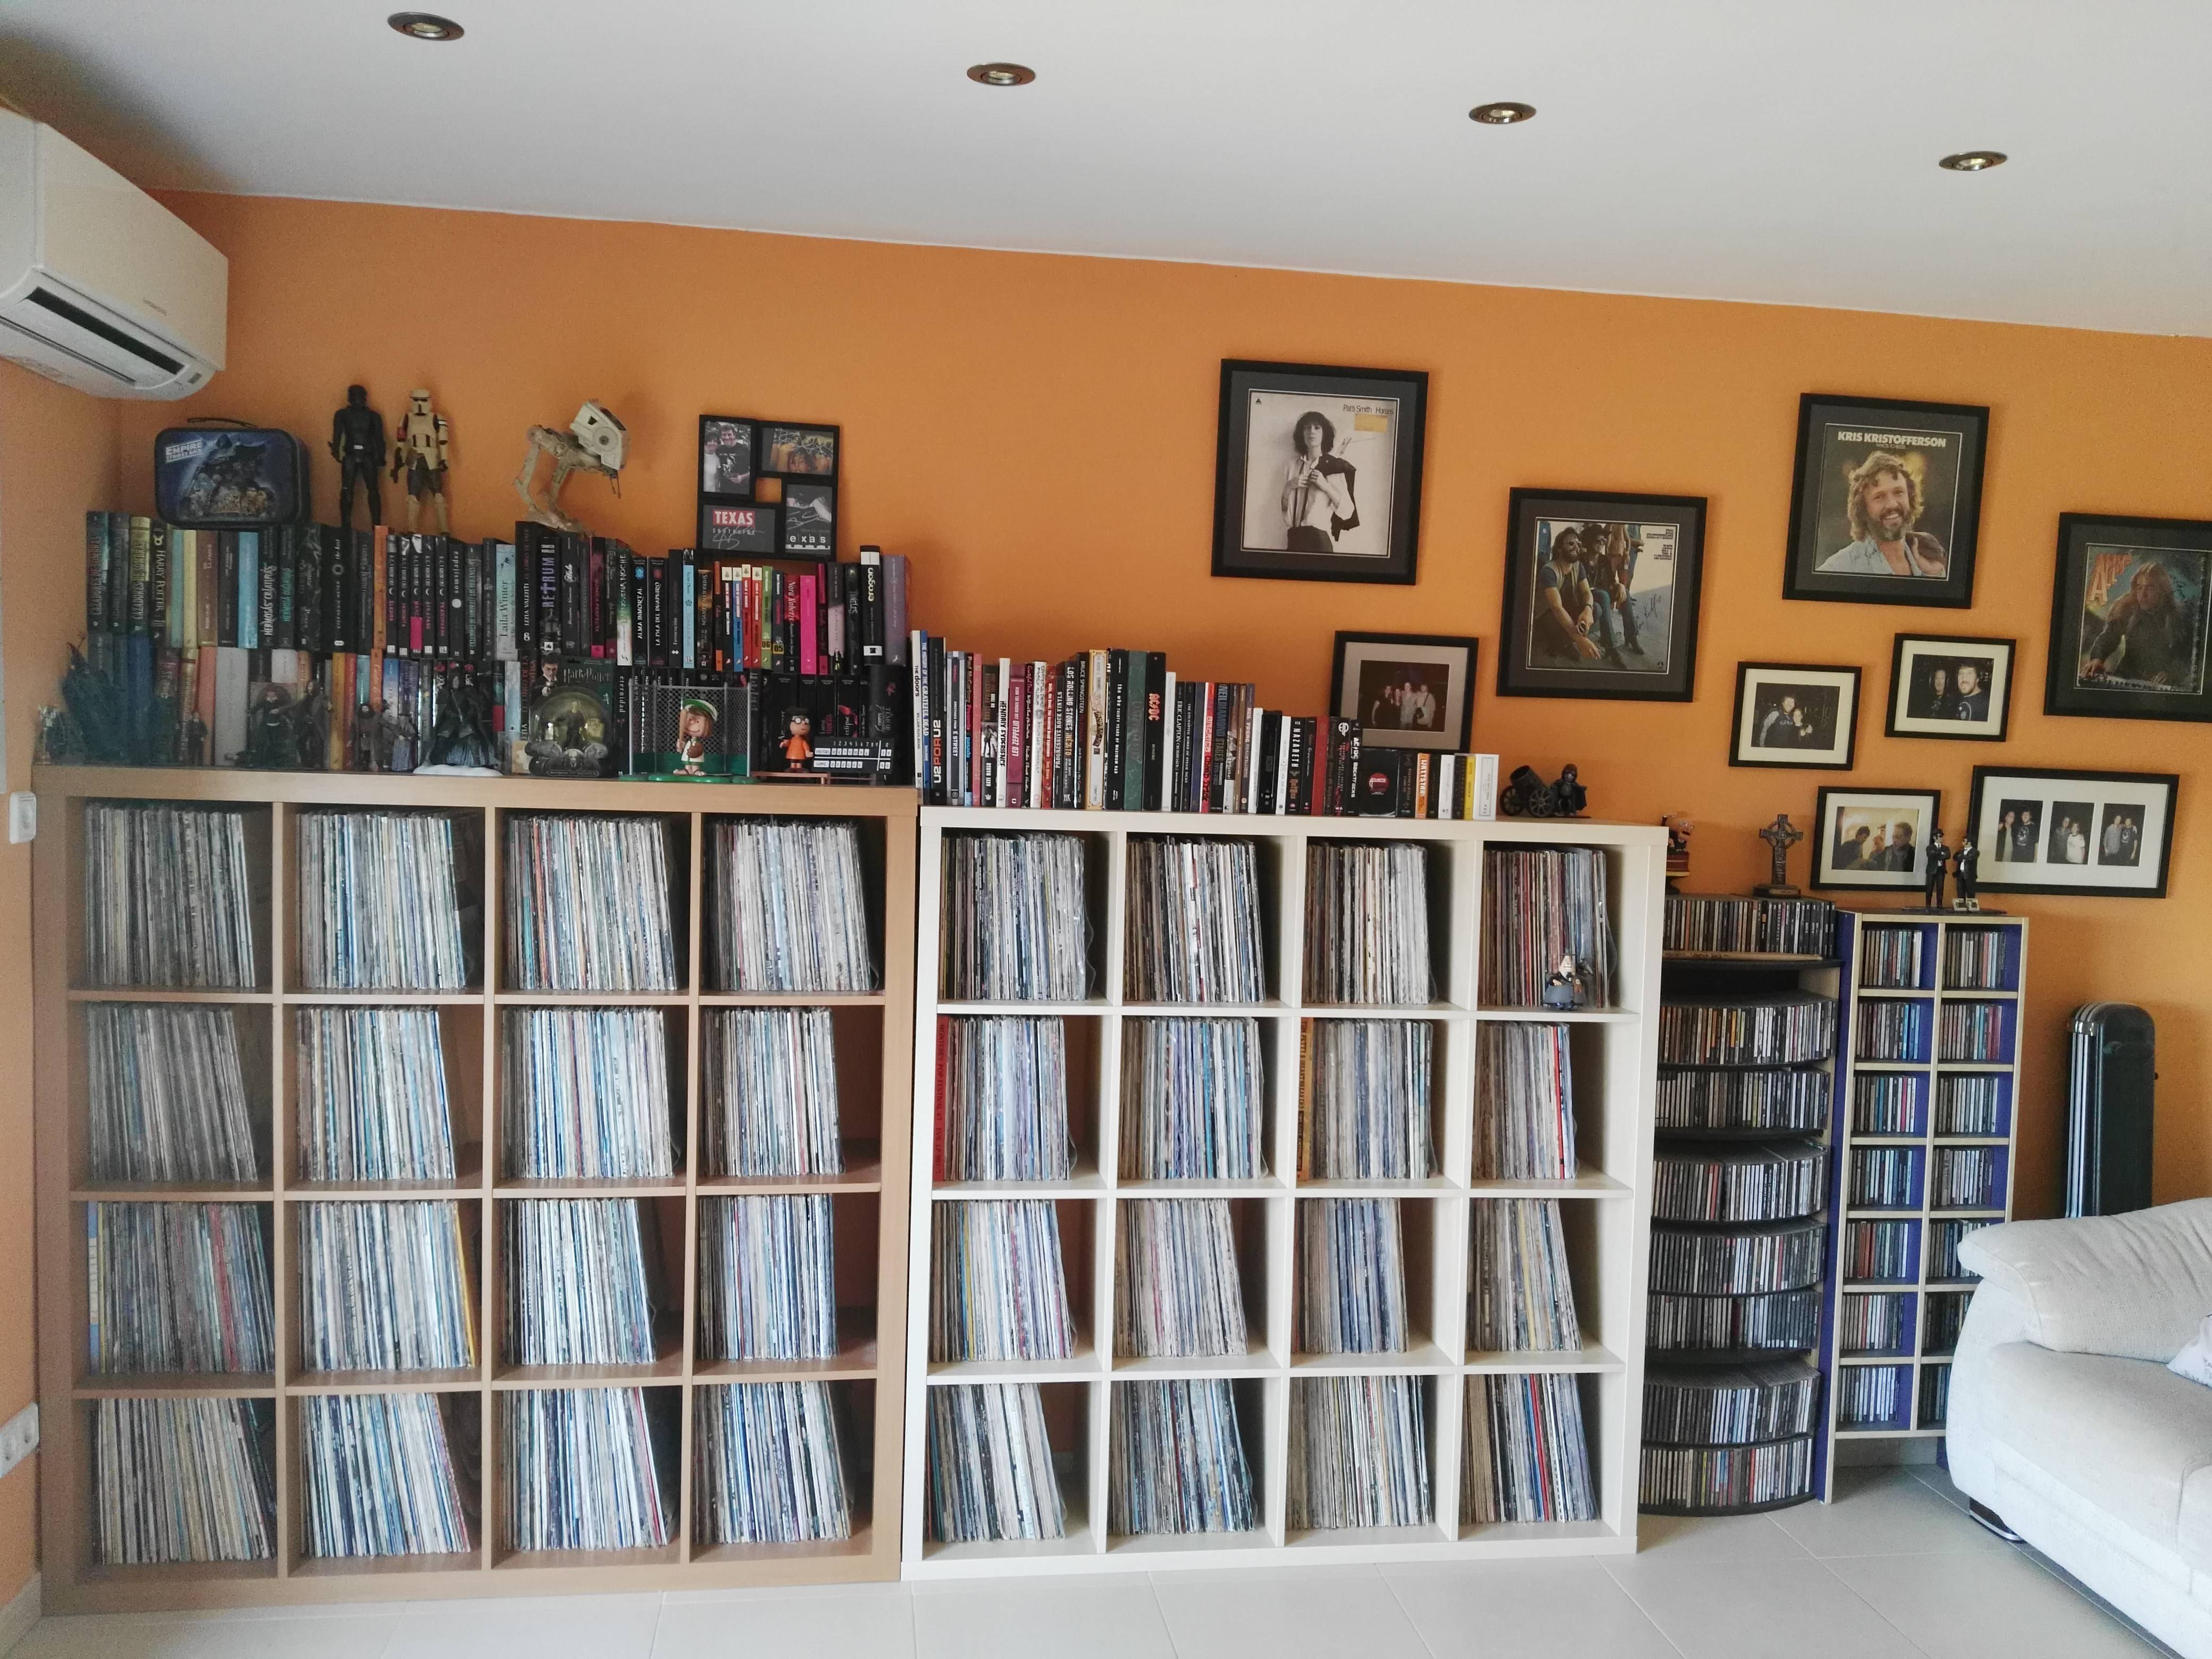 Colecciones de Discos. - Página 2 M84OMcD